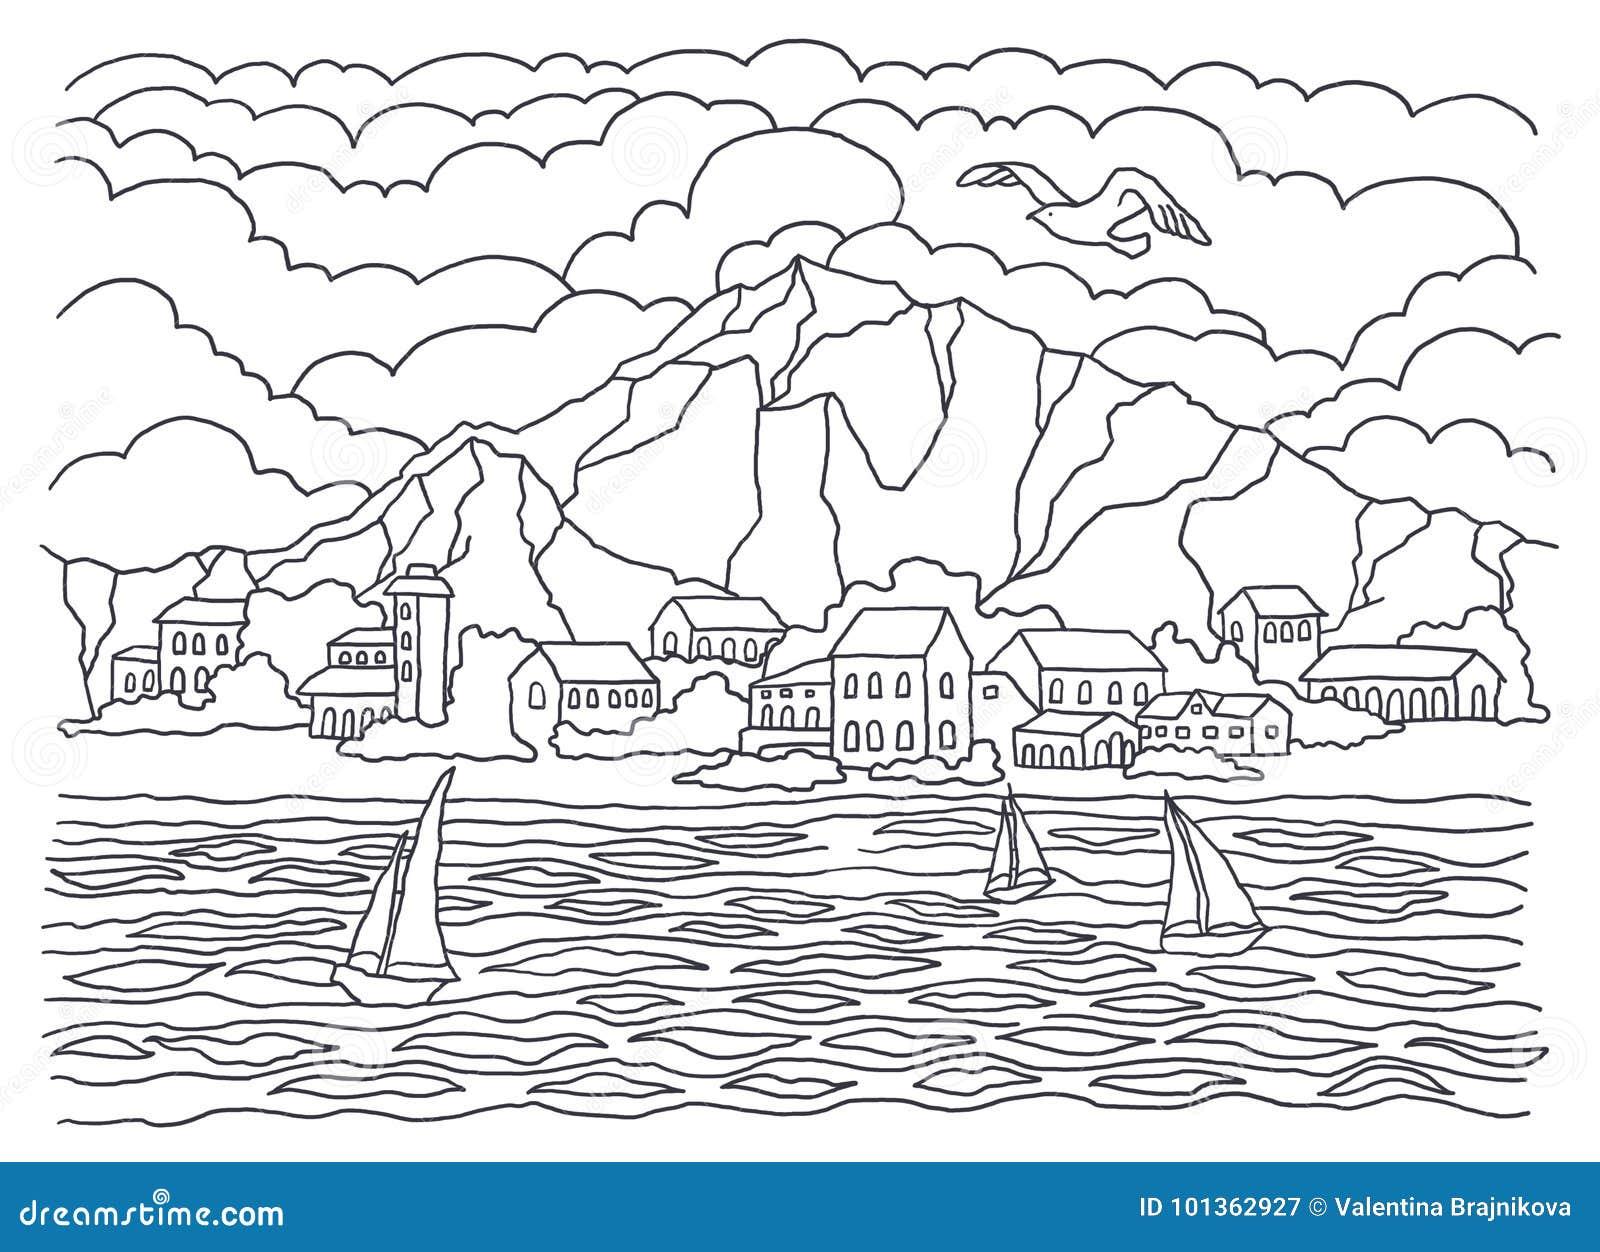 Modello Per Colorare Coloritura Del Mare Pittura Del Paesaggio Mare Onde Tranquillita Barche A Vela Costa Case Alberi E Ces Illustrazione Di Stock Illustrazione Di Glade Adulti 101362927